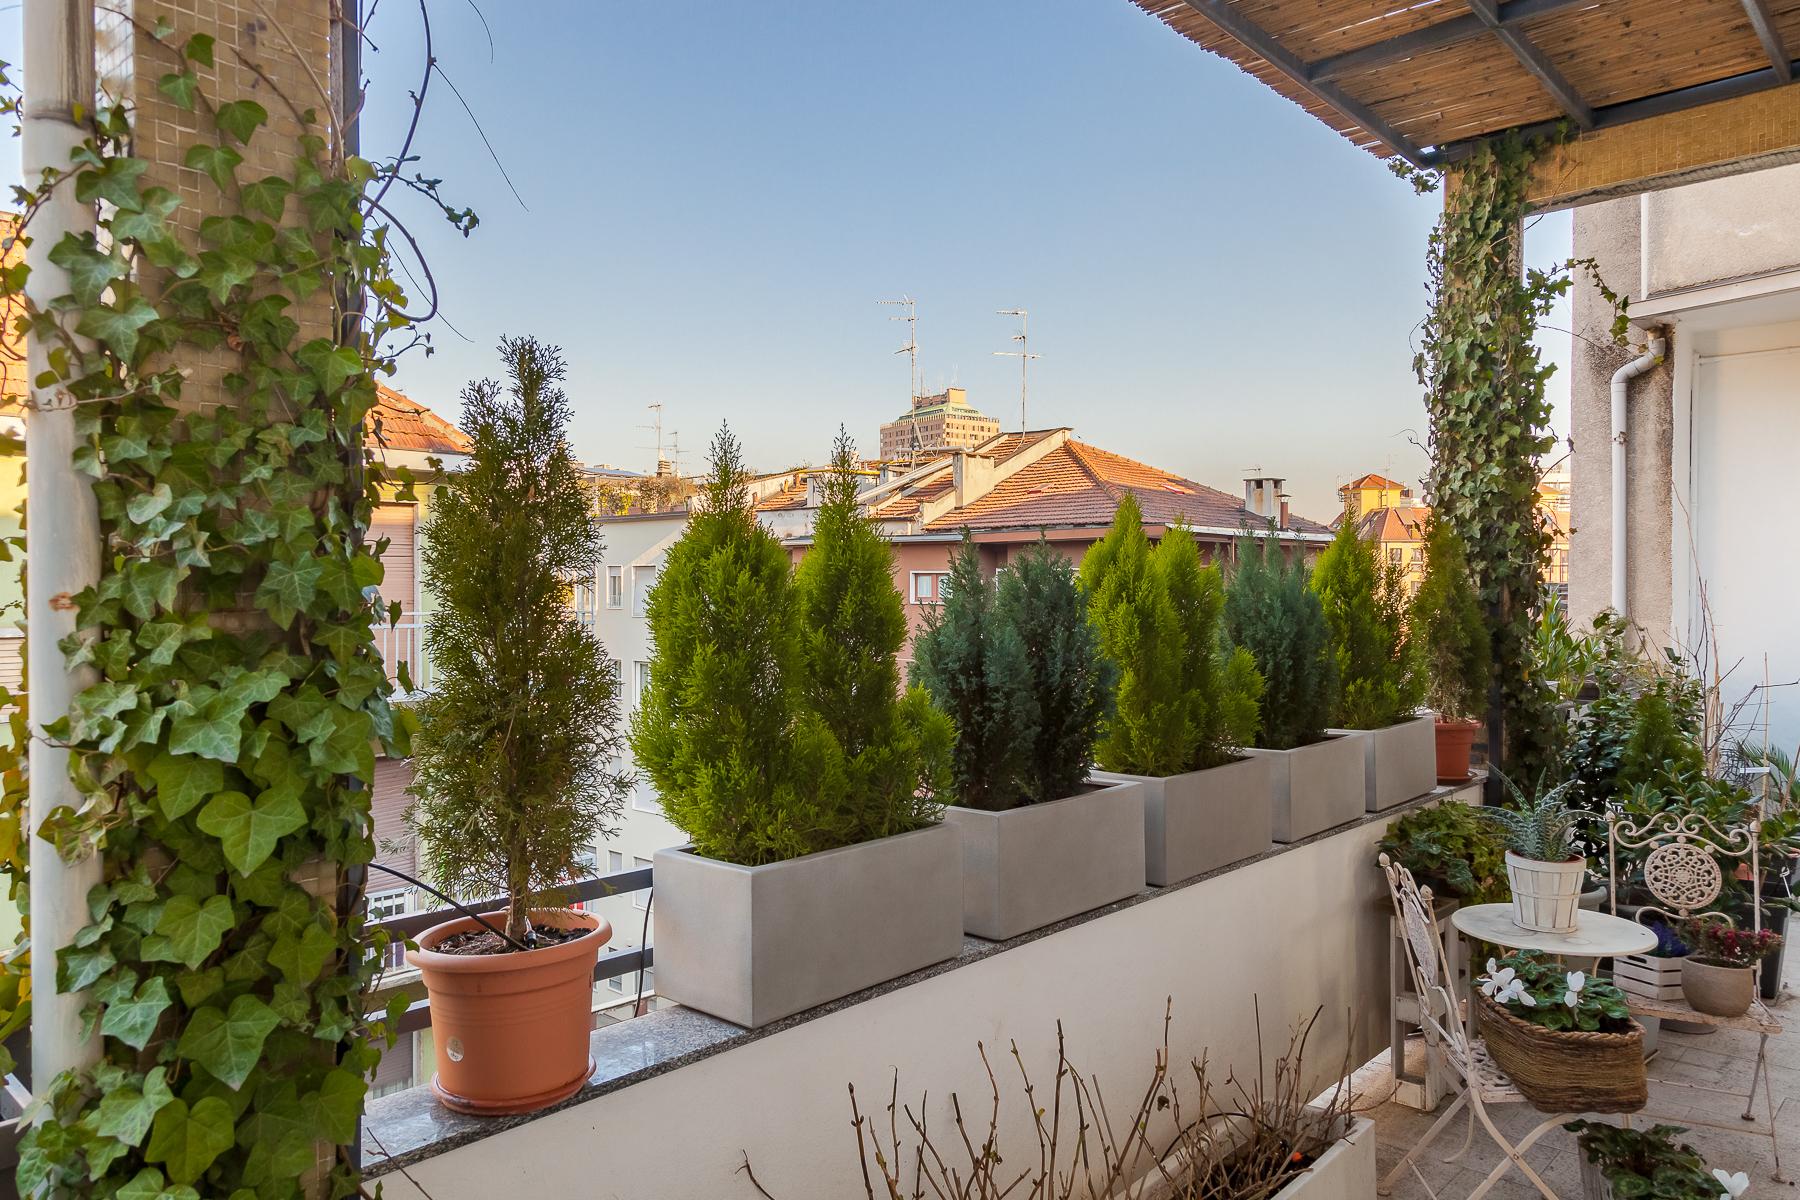 Appartamento in Vendita a Milano: 4 locali, 120 mq - Foto 2